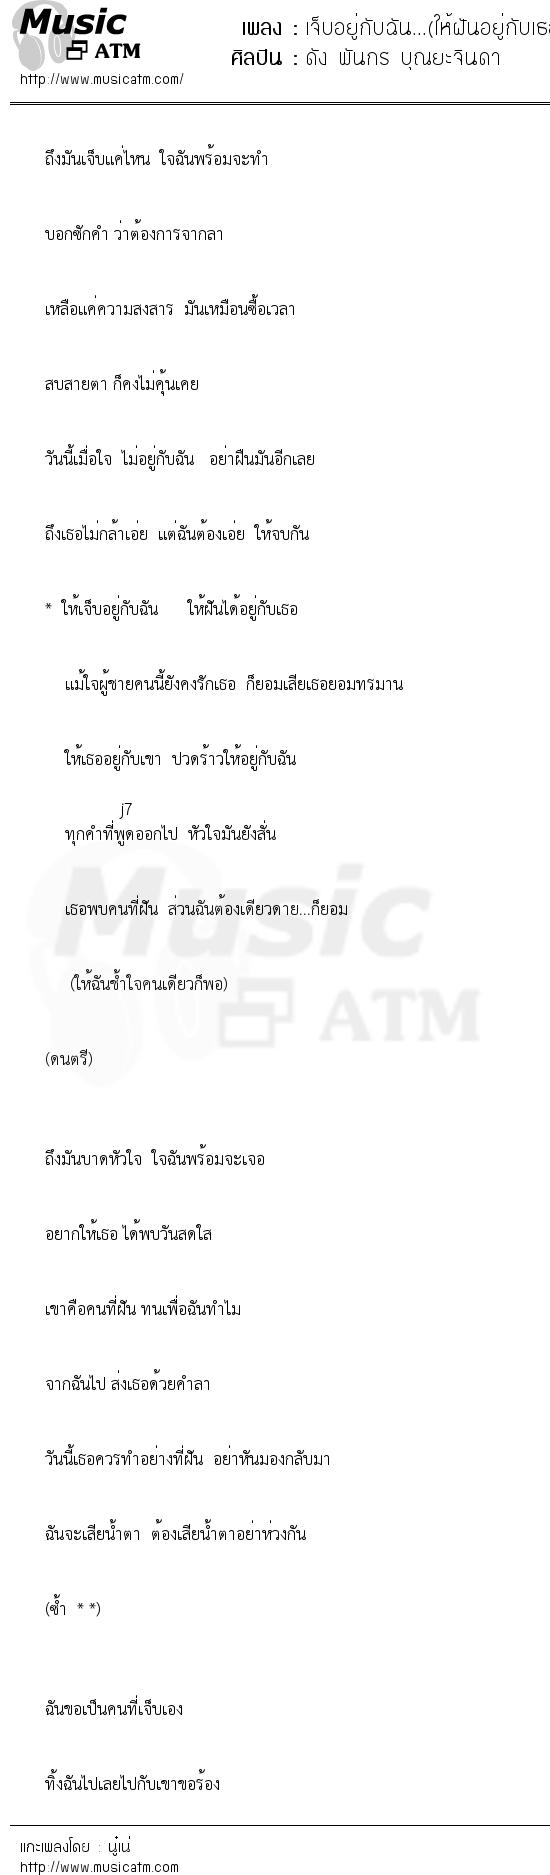 เจ็บอยู่กับฉัน...(ให้ฝันอยู่กับเธอ)   เพลงไทย